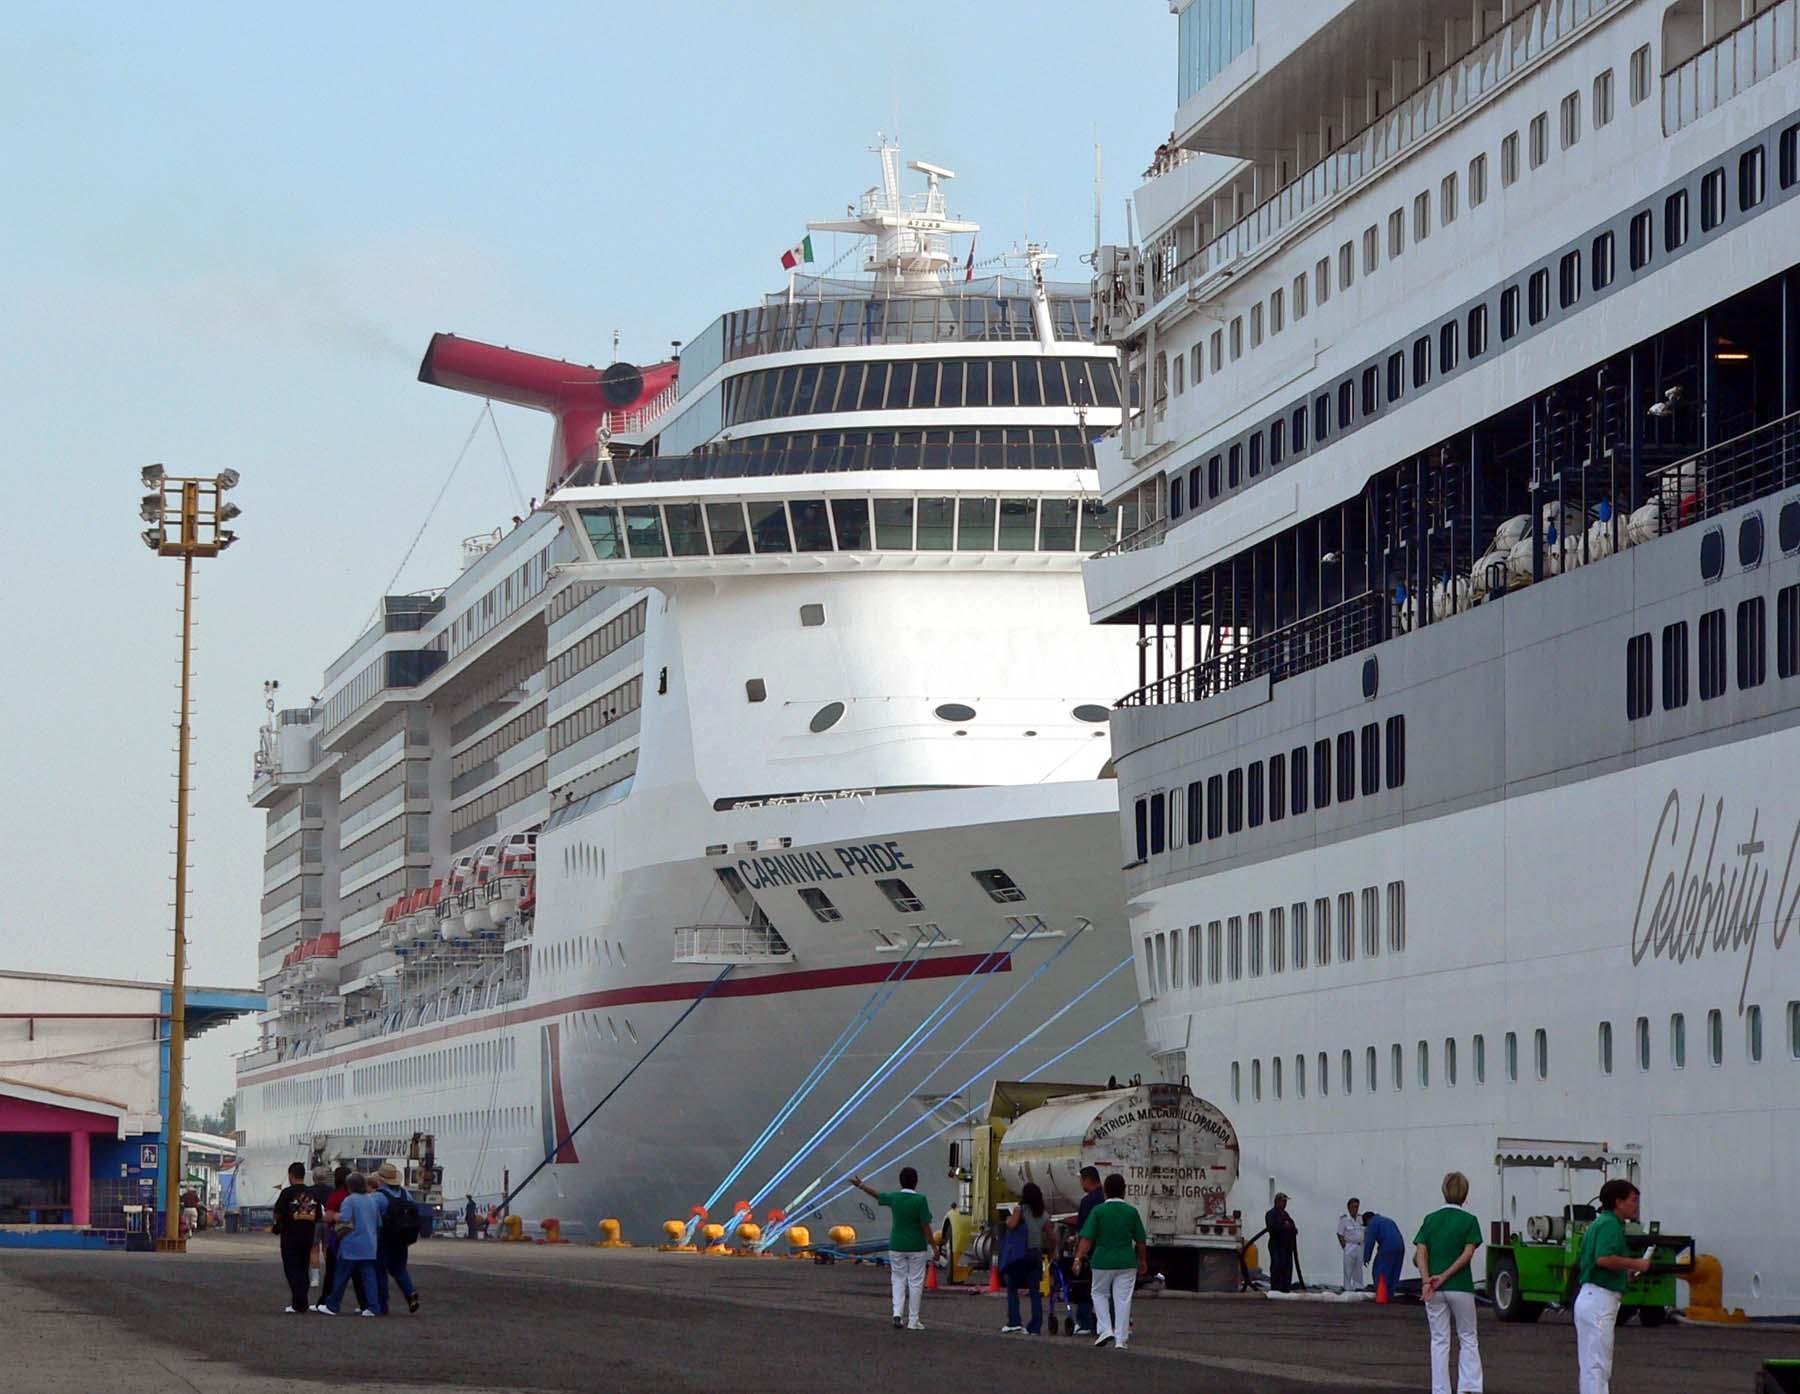 Carnival+pride+cruise+ship+photos